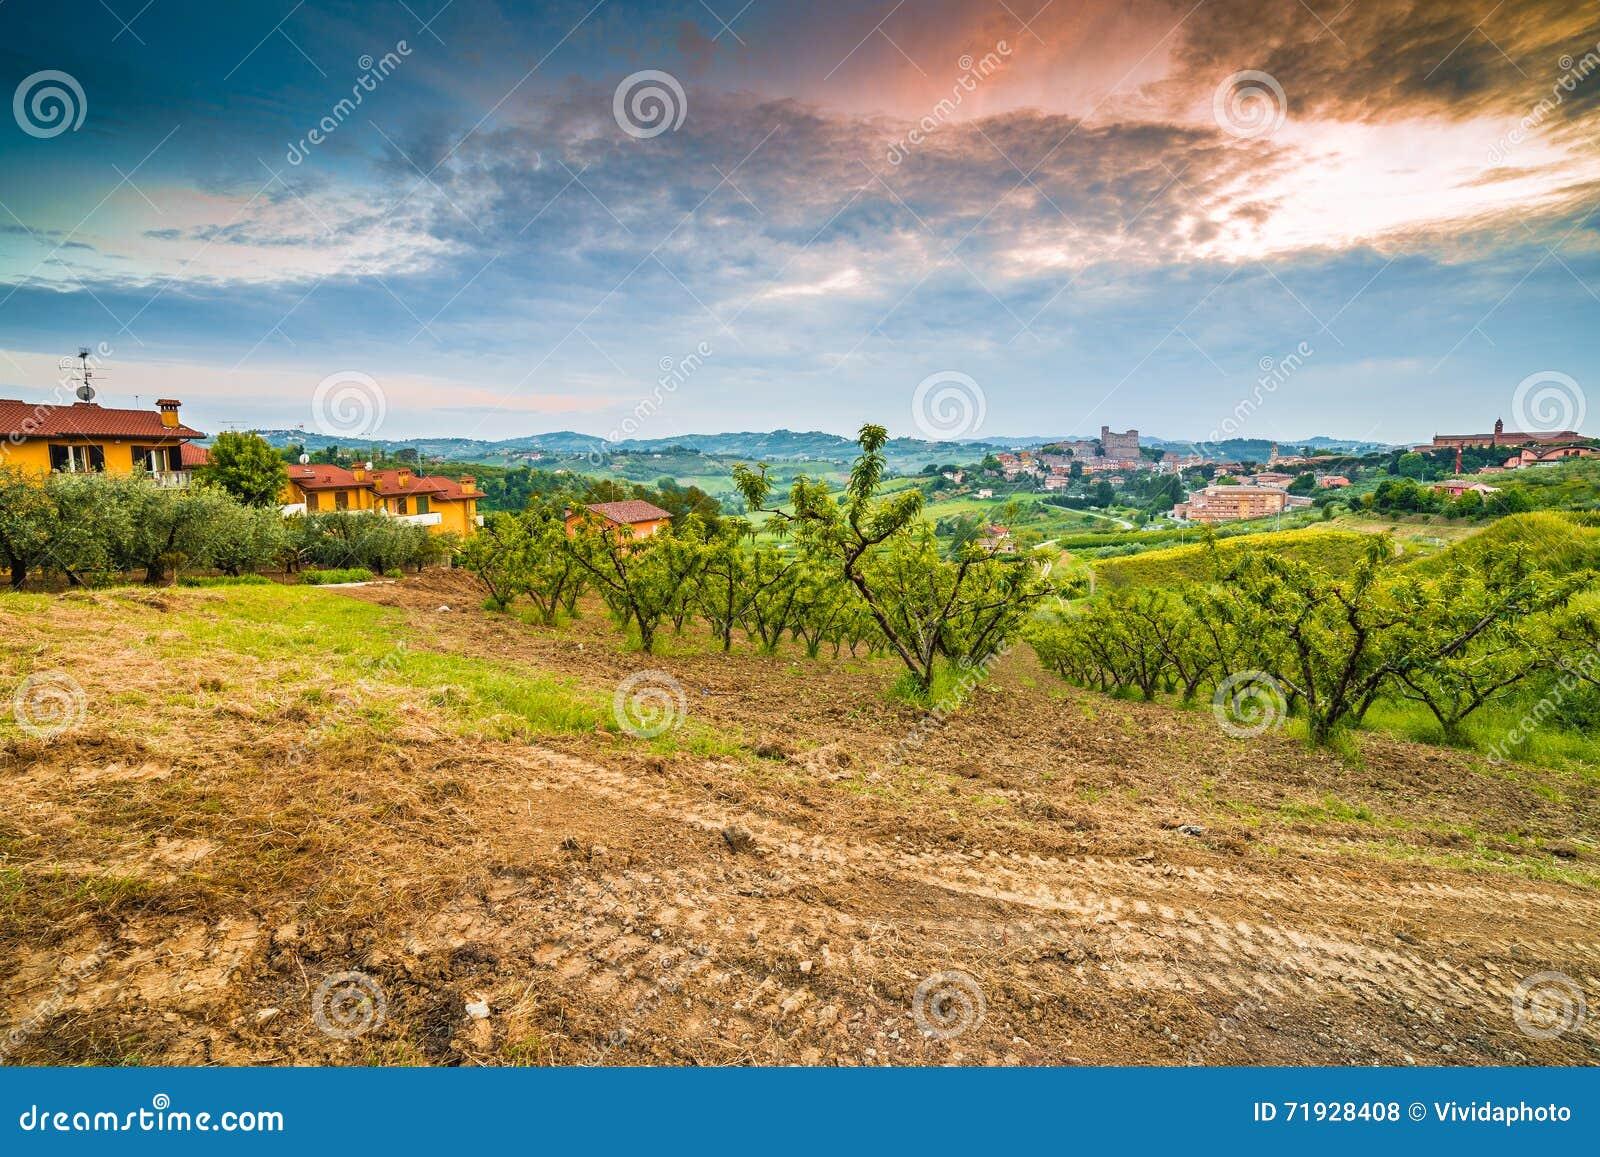 Вспаханное поле в сельской местности вокруг средневекового замка